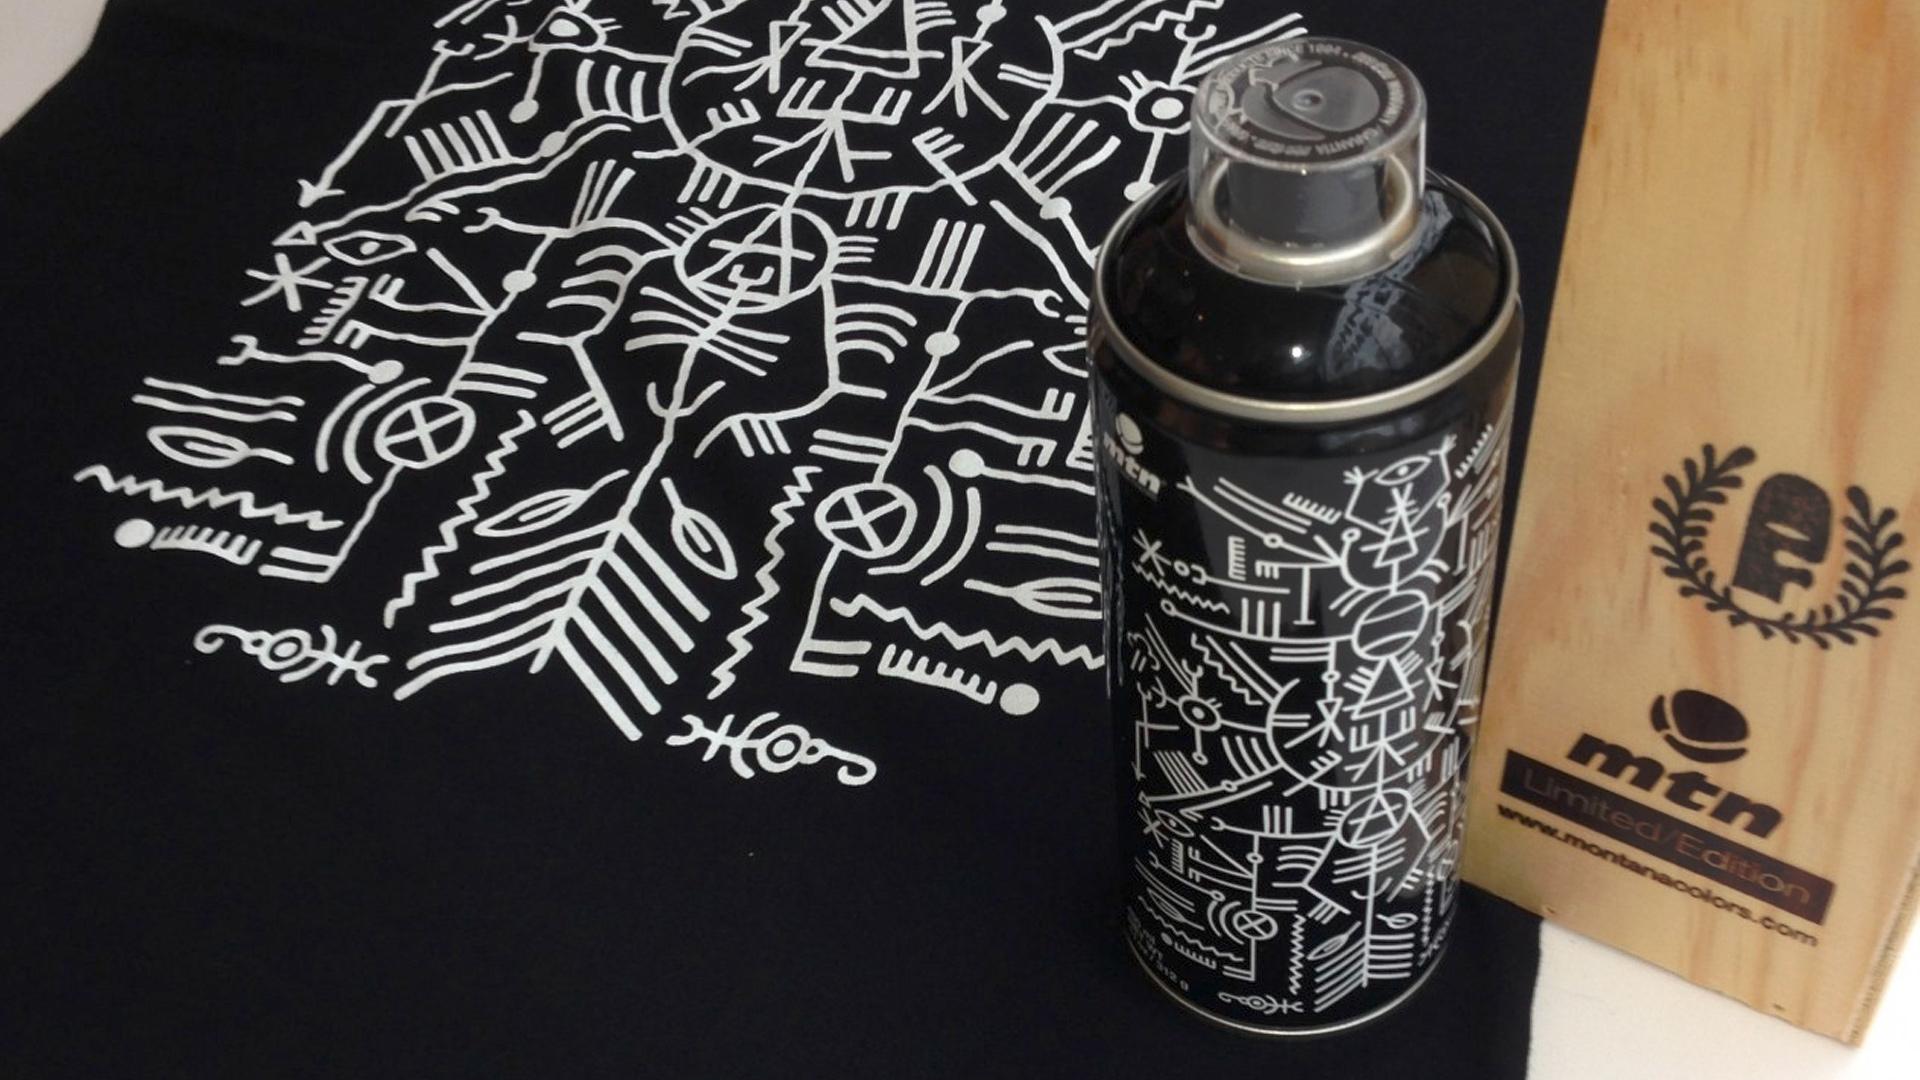 Bombe de peinture et t-shirt noir de l'exposition Johnny Clegg de Grems